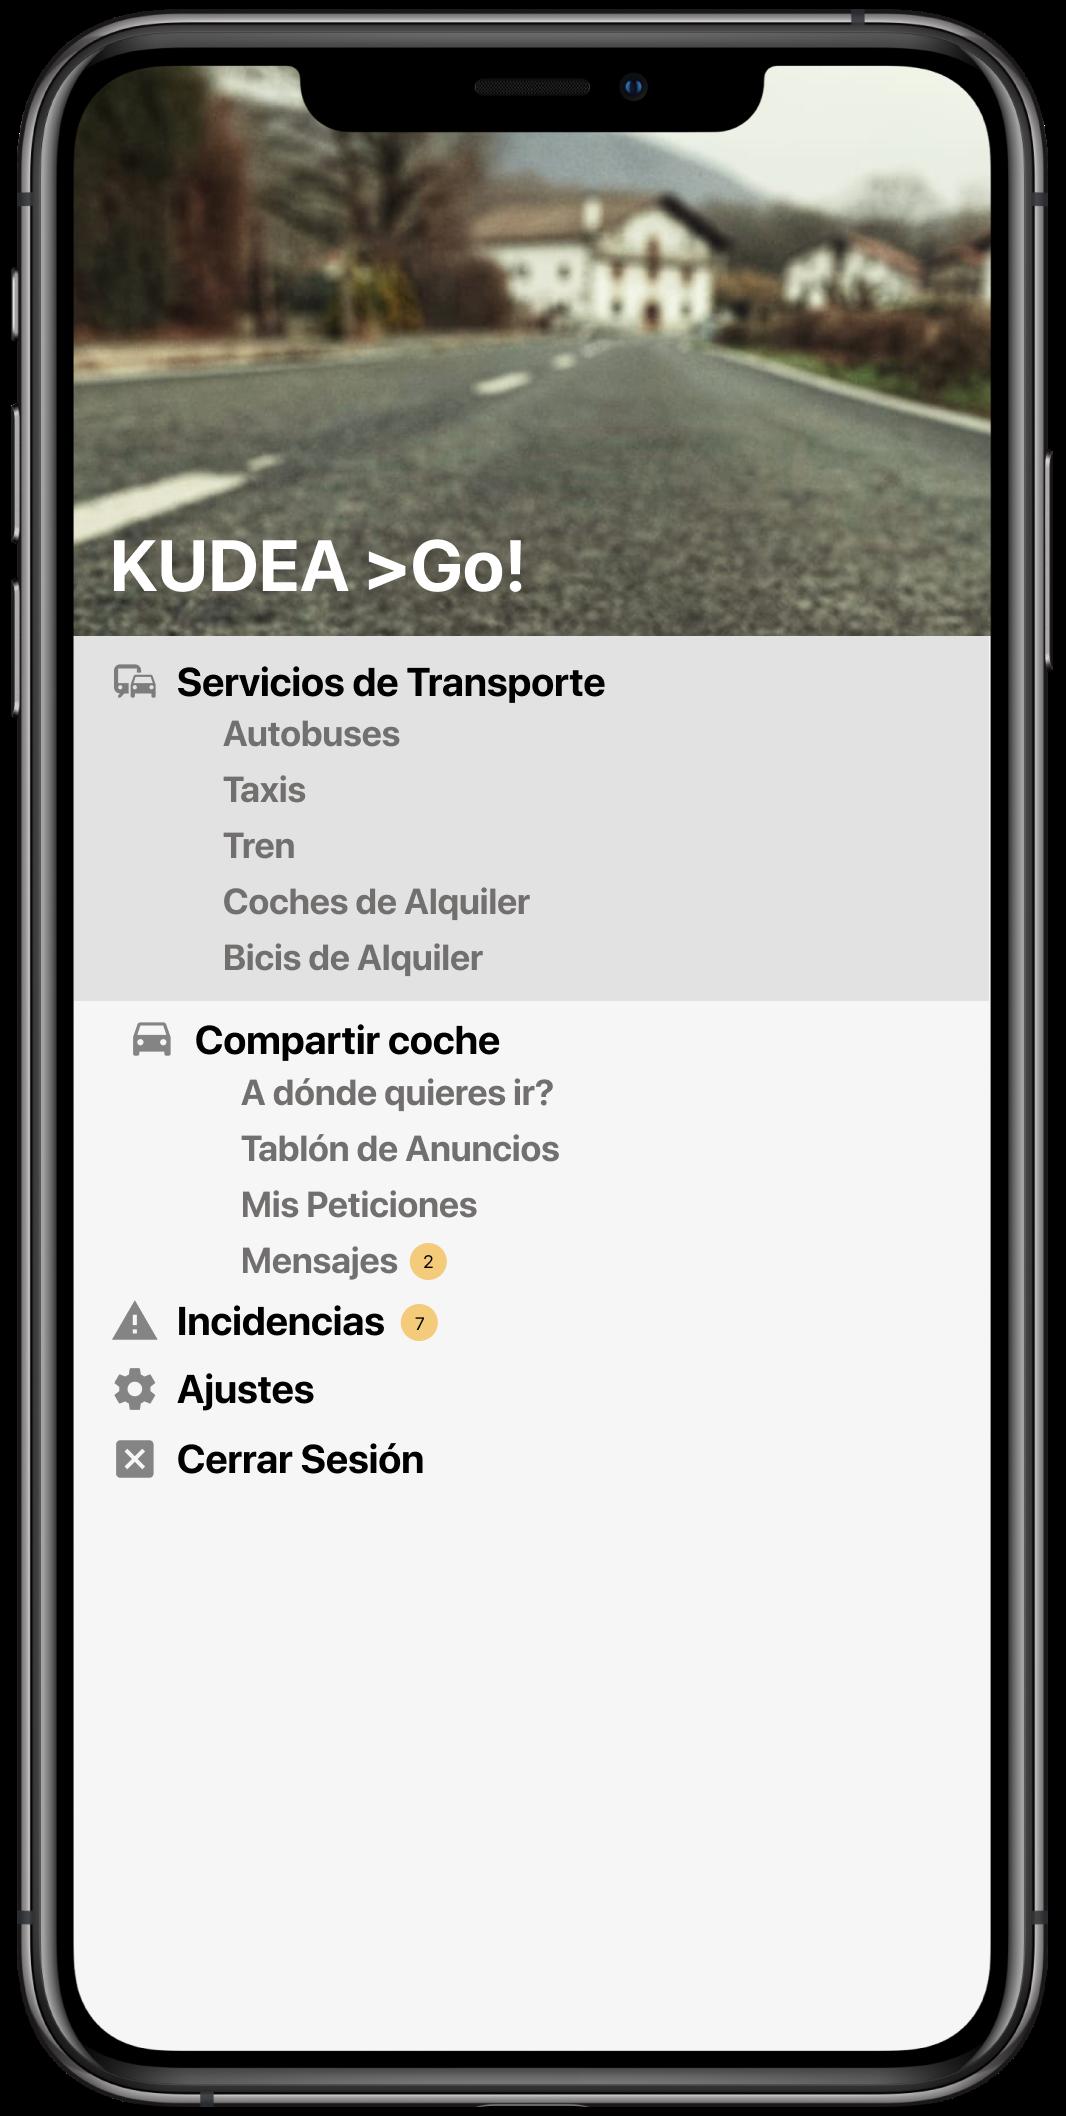 Movilidad positiva para el medio rural con Kudea >Go!